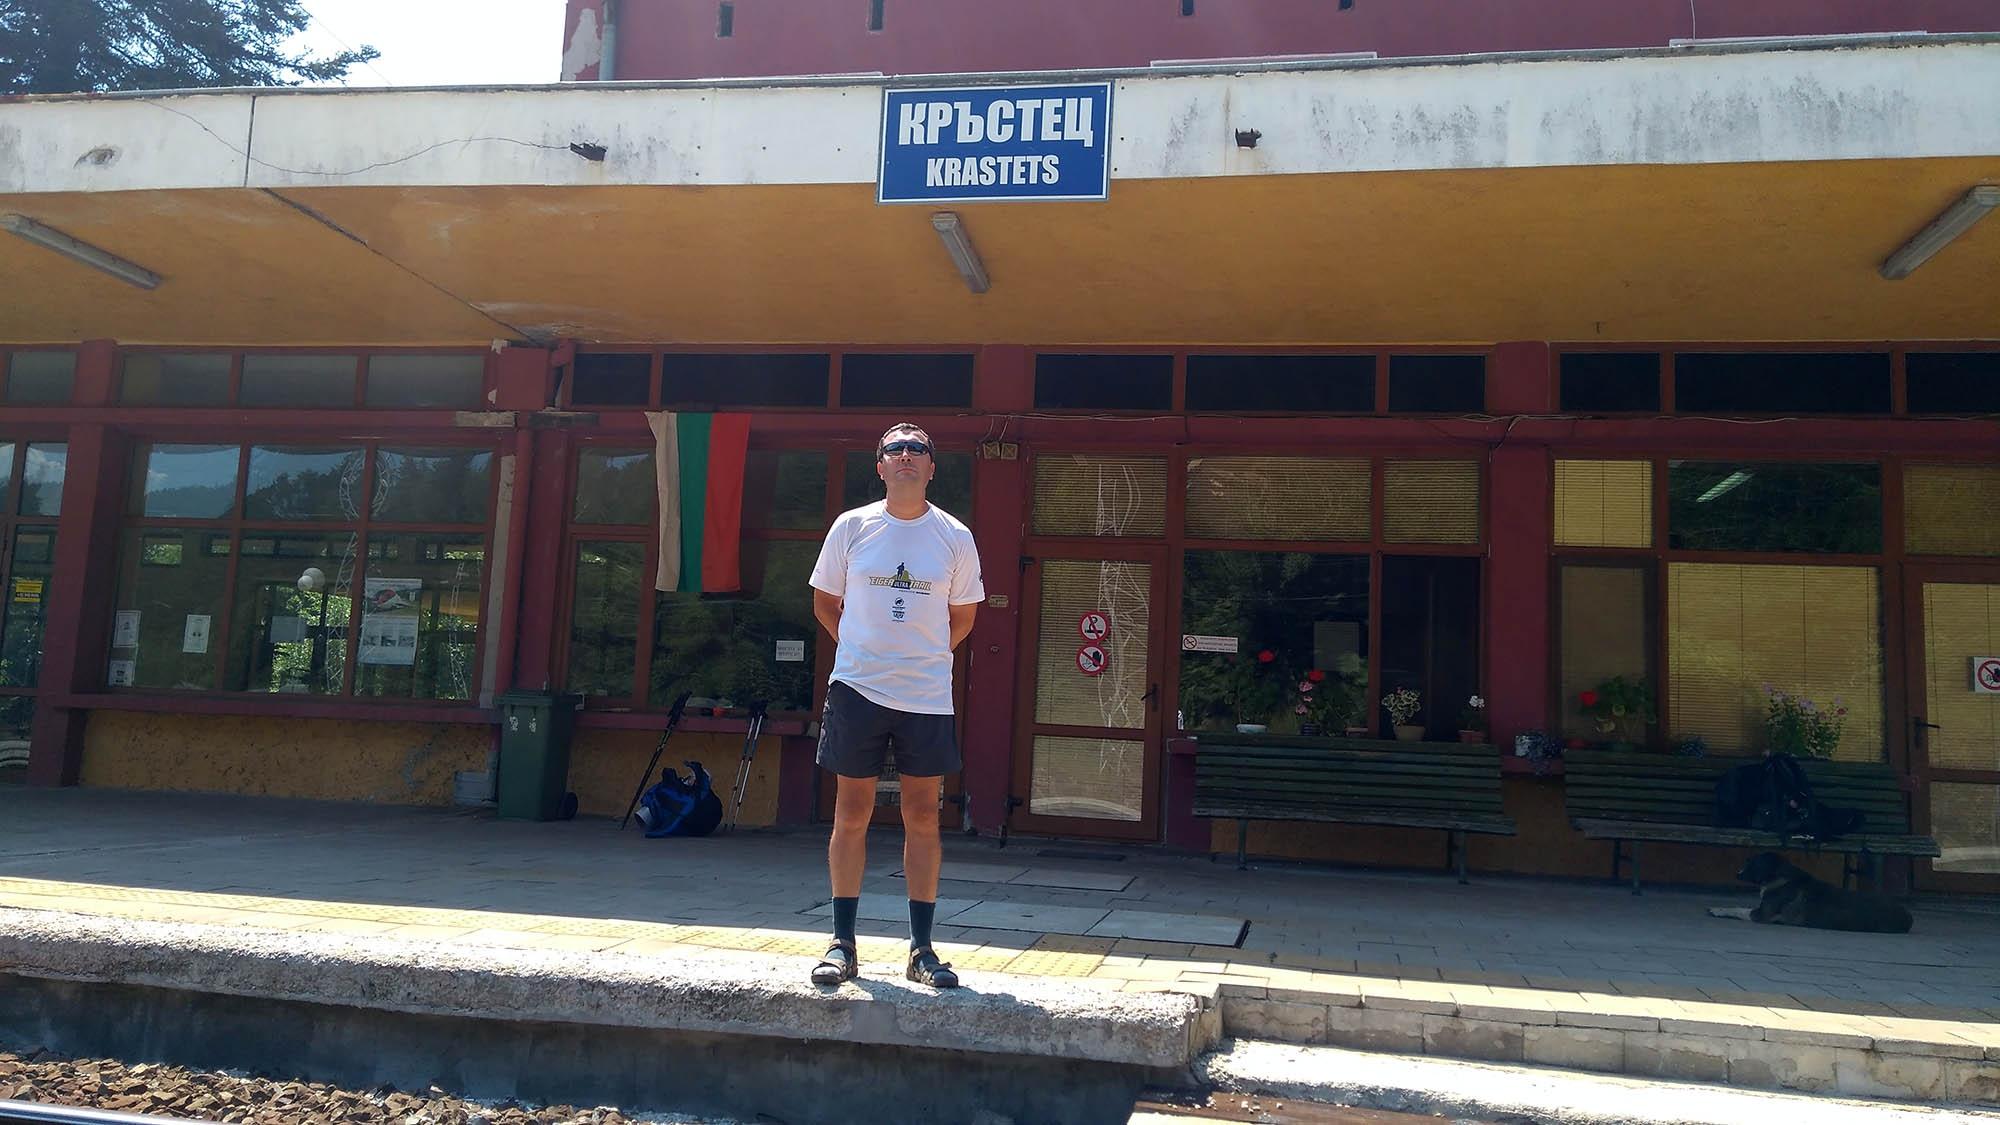 На гара Кръстец